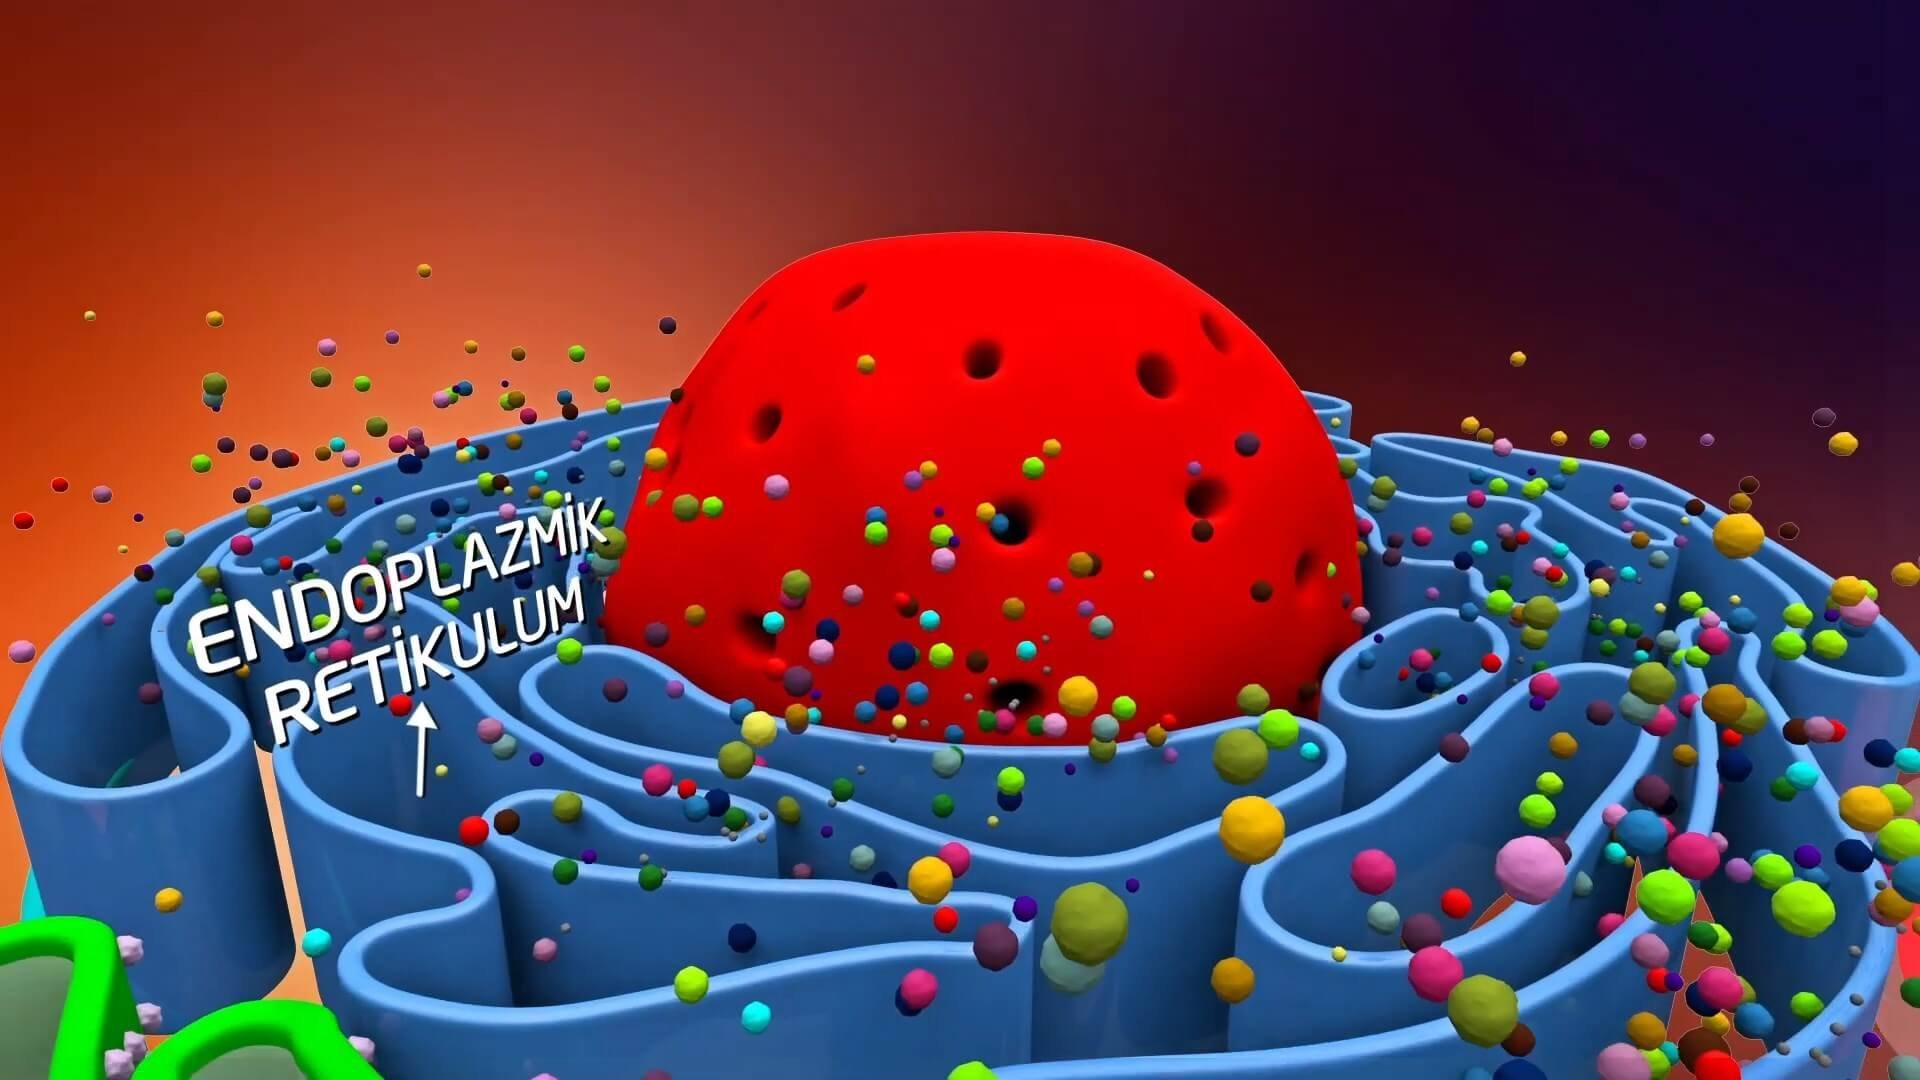 Proteindeki Yazılım İnsanoğlunun Maddesel Yapısı Belgesel Animasyon Film 8 1920x1080 - Proteindeki Yazılım, İnsanoğlunun Maddesel Yapısıyla İlgili Keşifleri